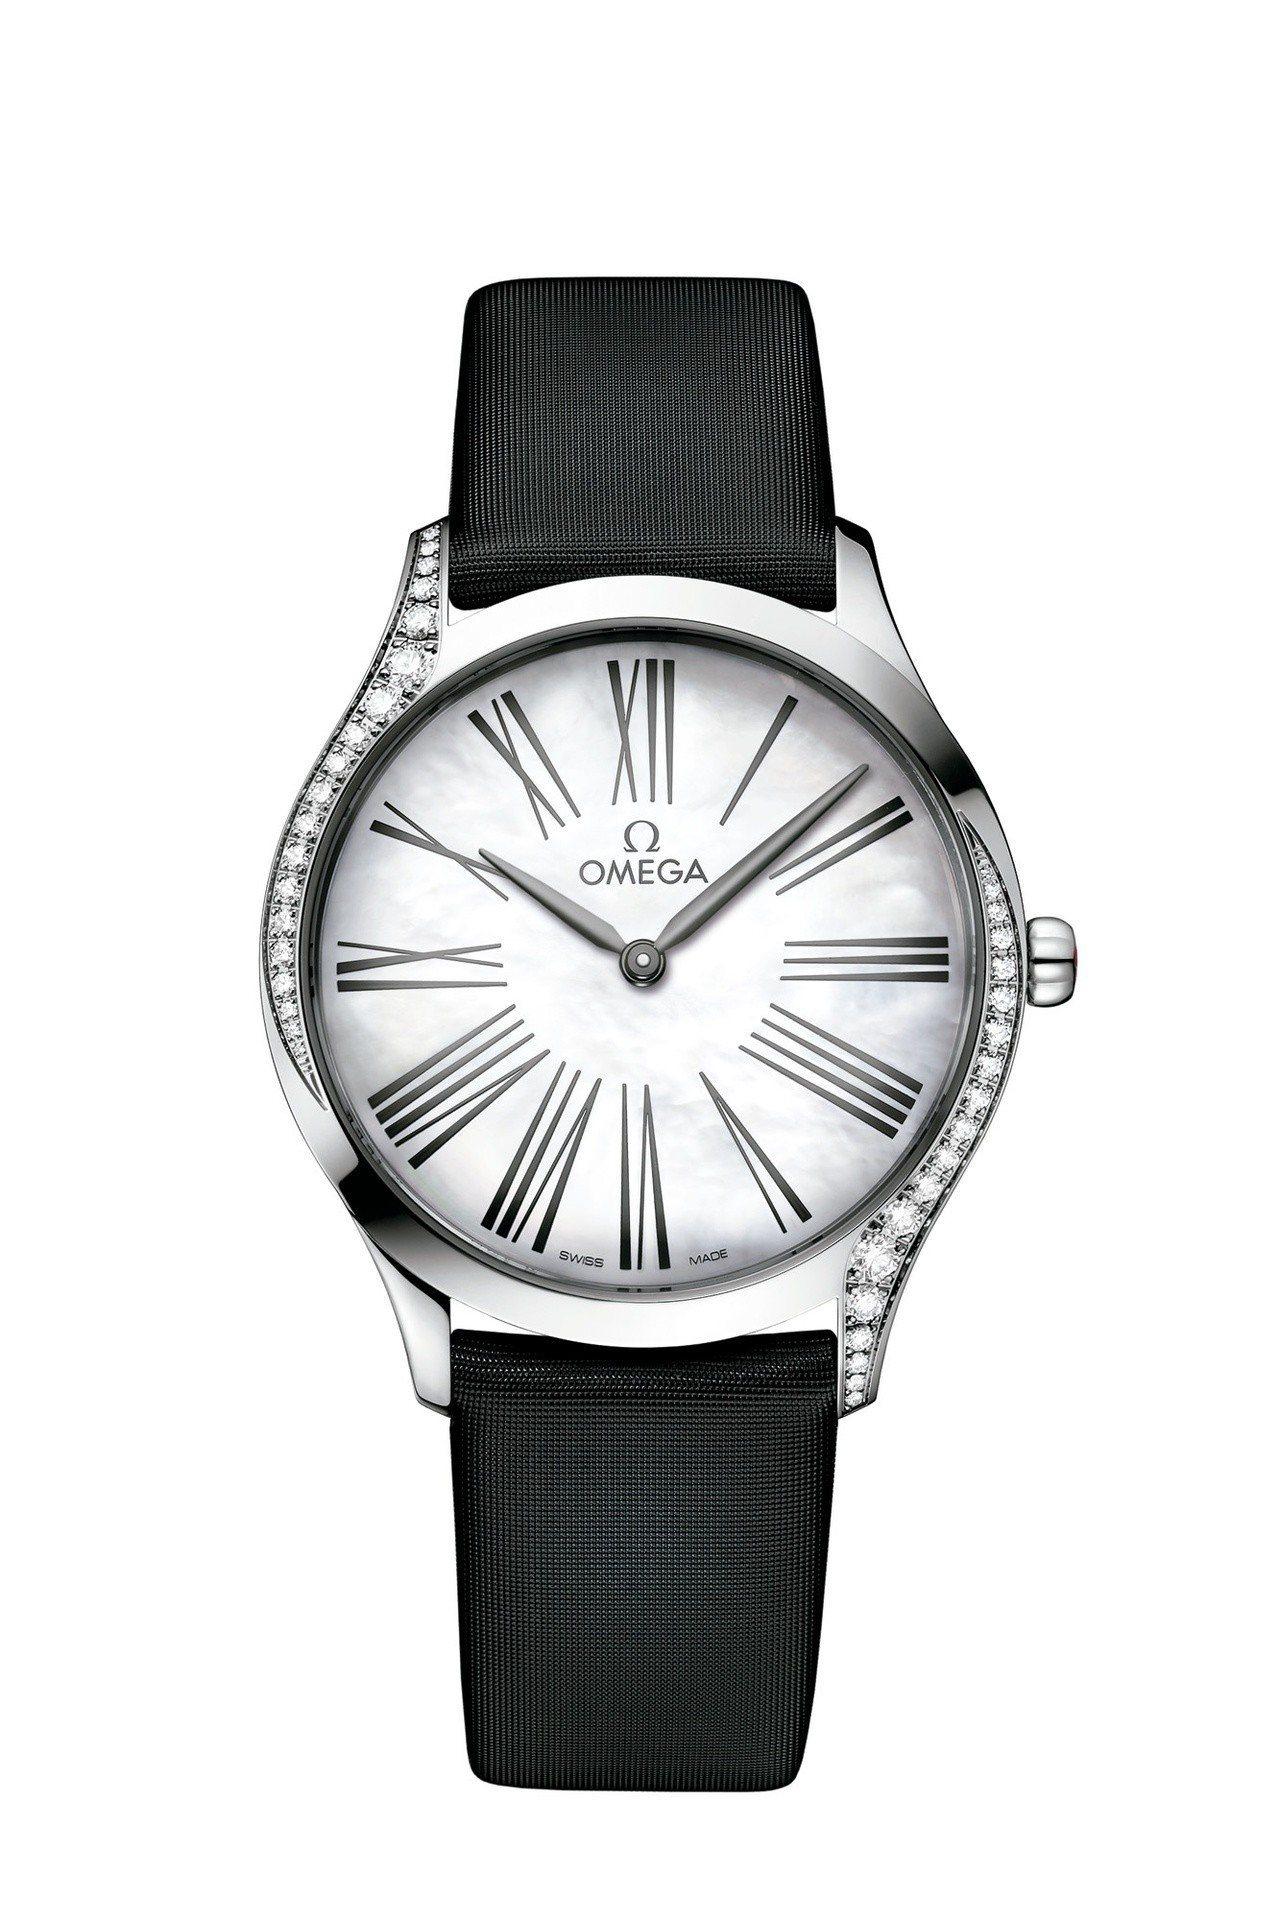 歐米茄碟飛系列Trésor腕表,不鏽鋼表殼鑲嵌鑽石,珍珠母貝表盤,約16萬2,5...